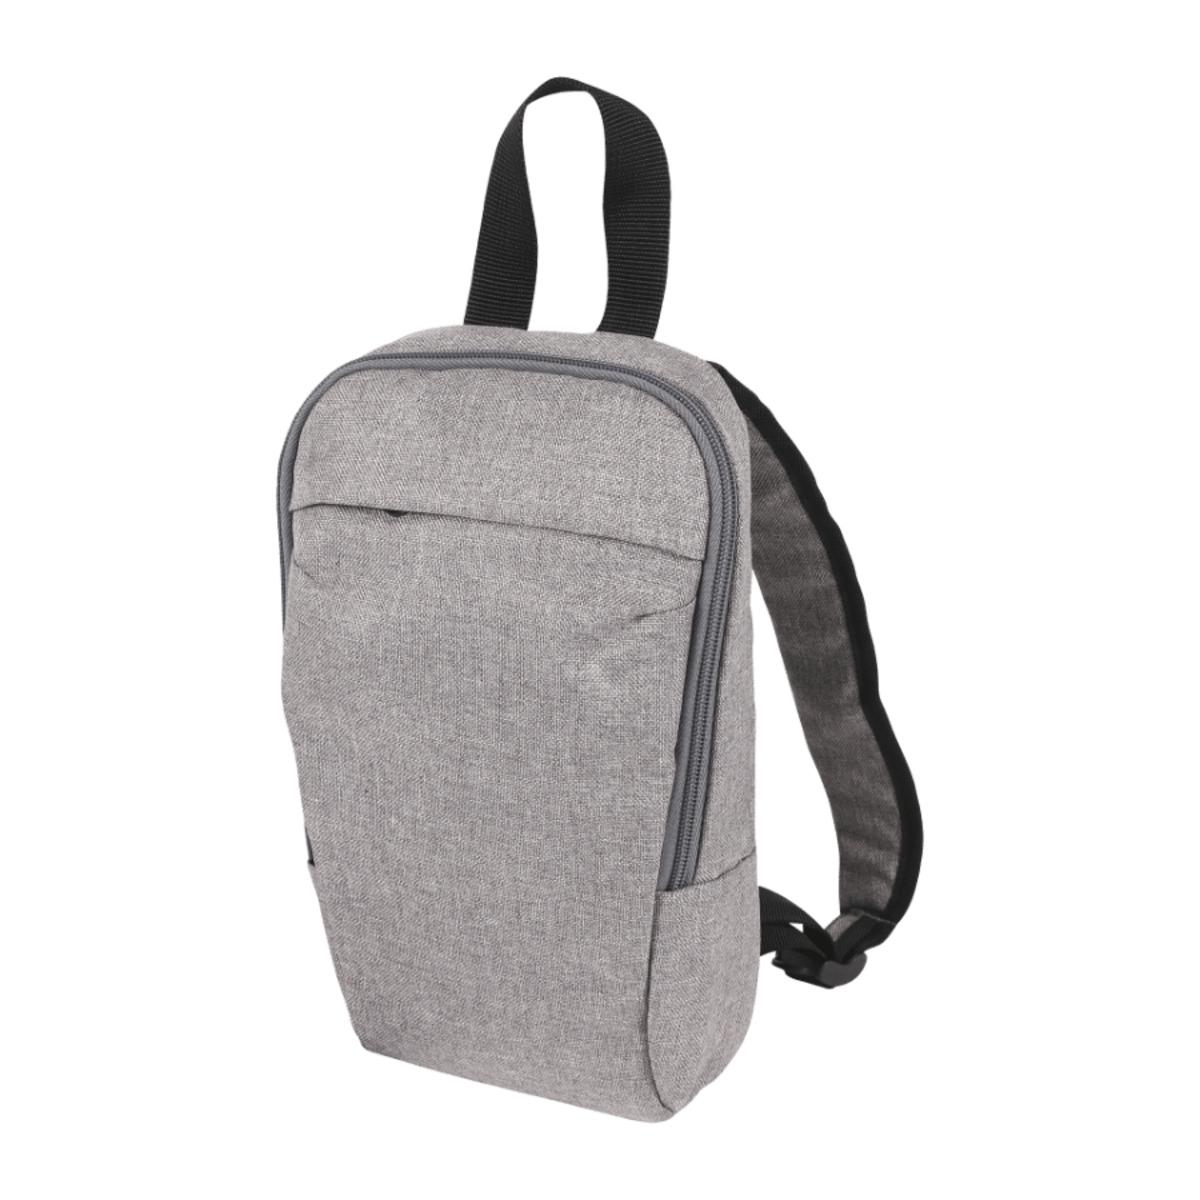 Bild 4 von ROYAL LIFE     Diebstahlschutz-Tasche